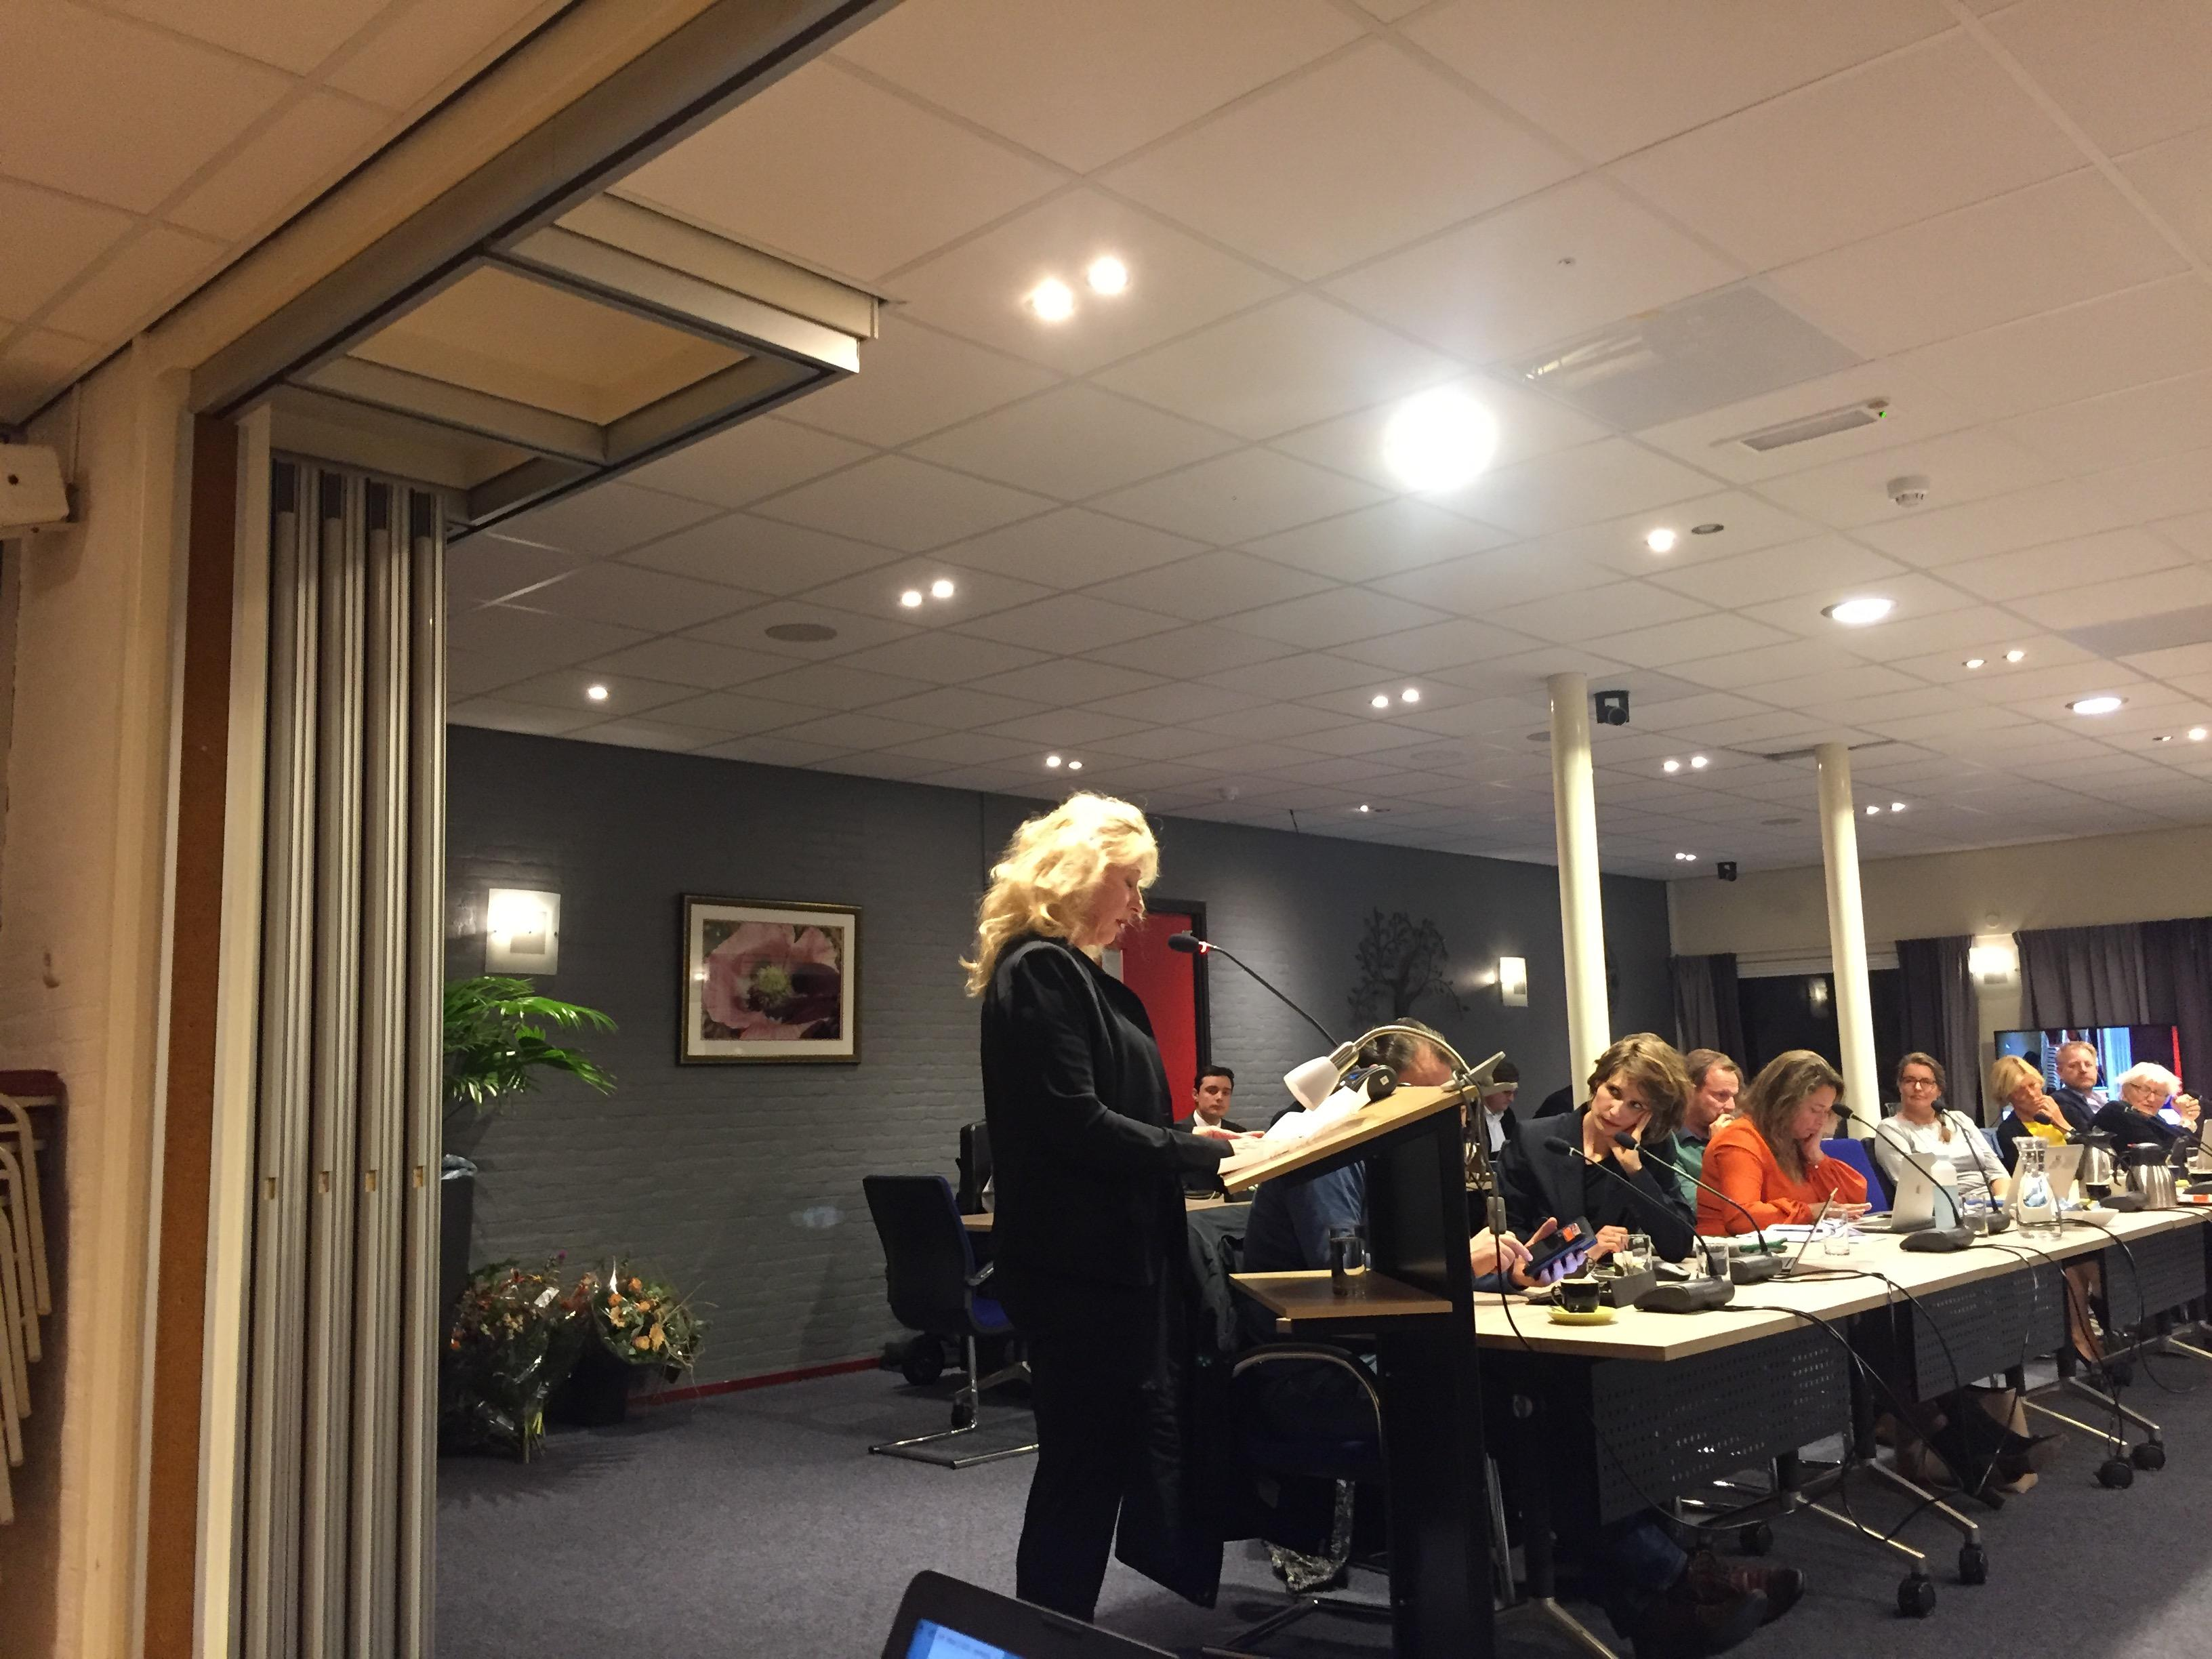 Vraagtekens bij wederzijds vertrouwen binnen politiek in Bergen gezet; burgemeester Hetty Hafkamp reageert fel